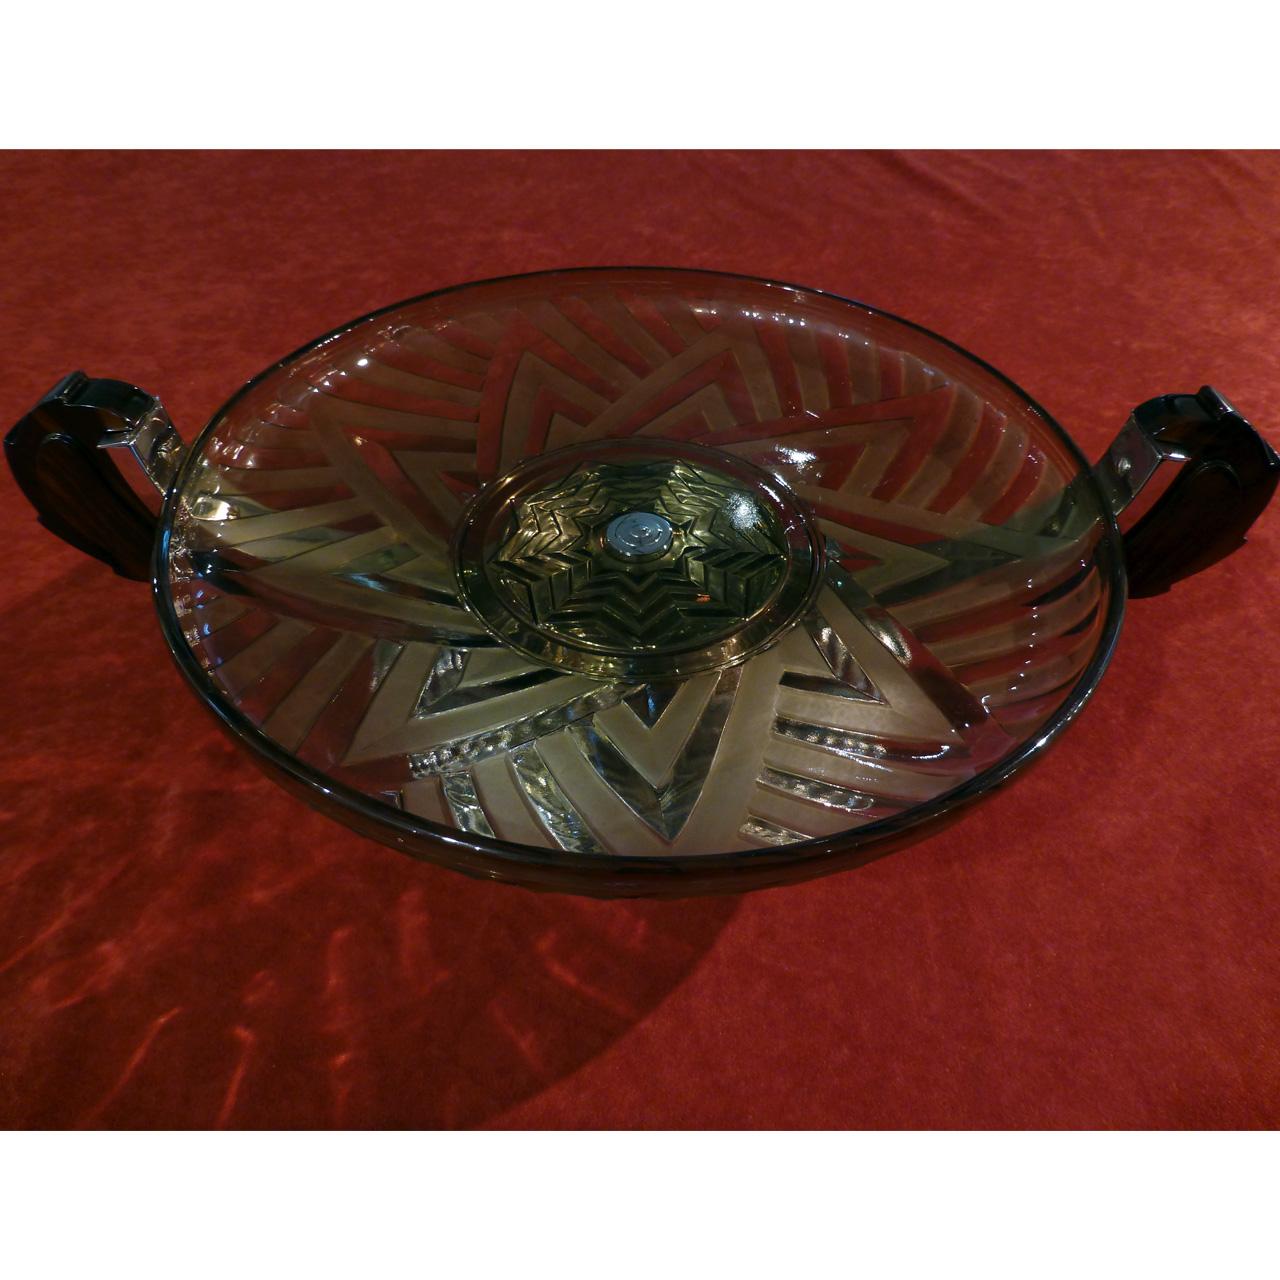 0040 Art Deco Schale aus leicht grün / bräunlichem Pressglas mit Makassar Griffen und sternförmigem Ornament